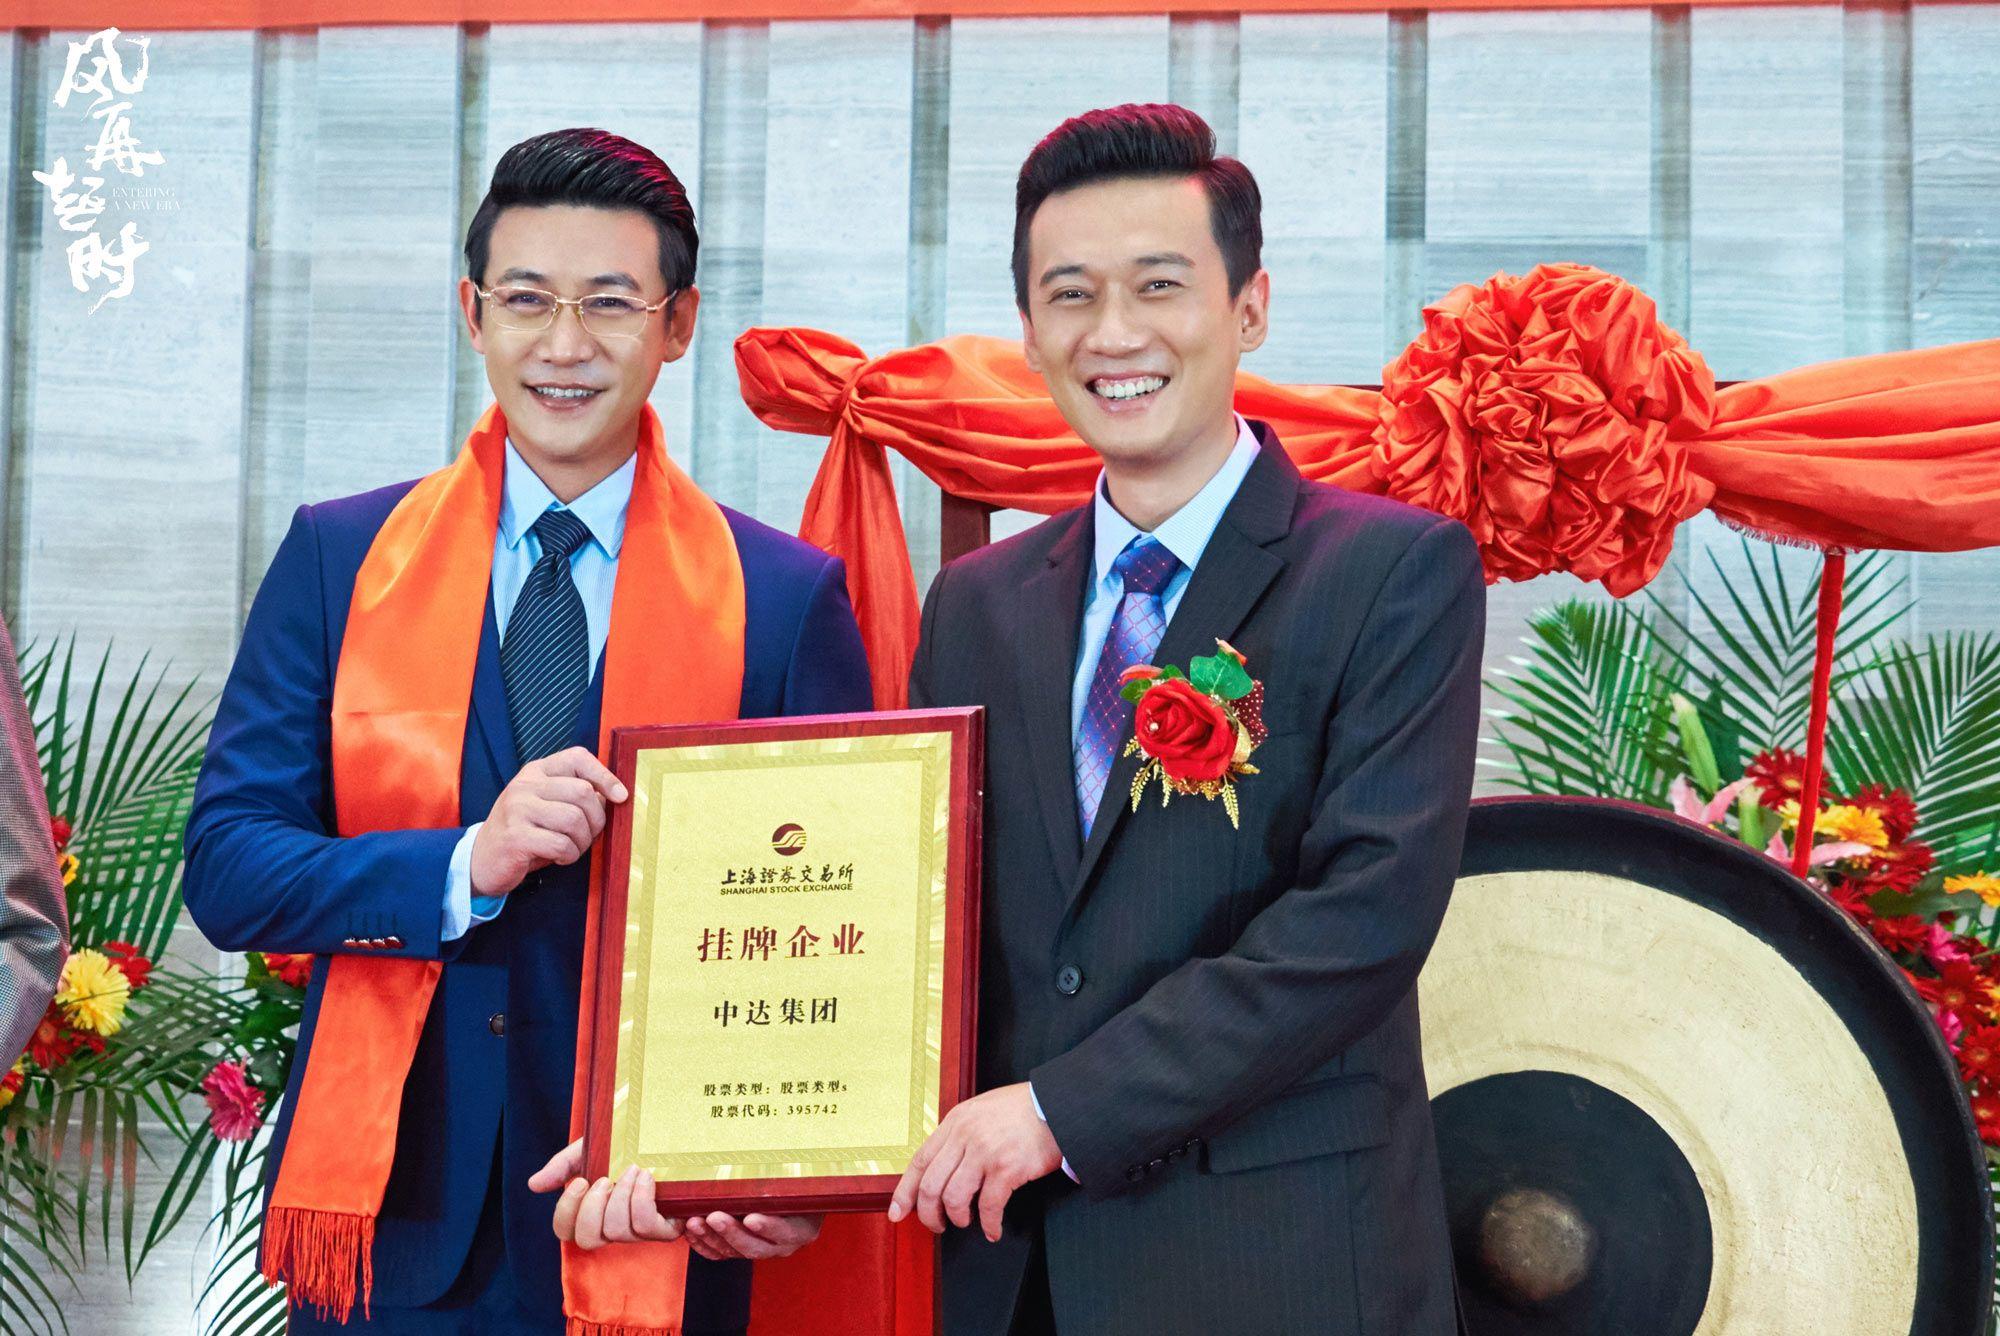 中达集团正式在上海证券交易所挂牌.jpg